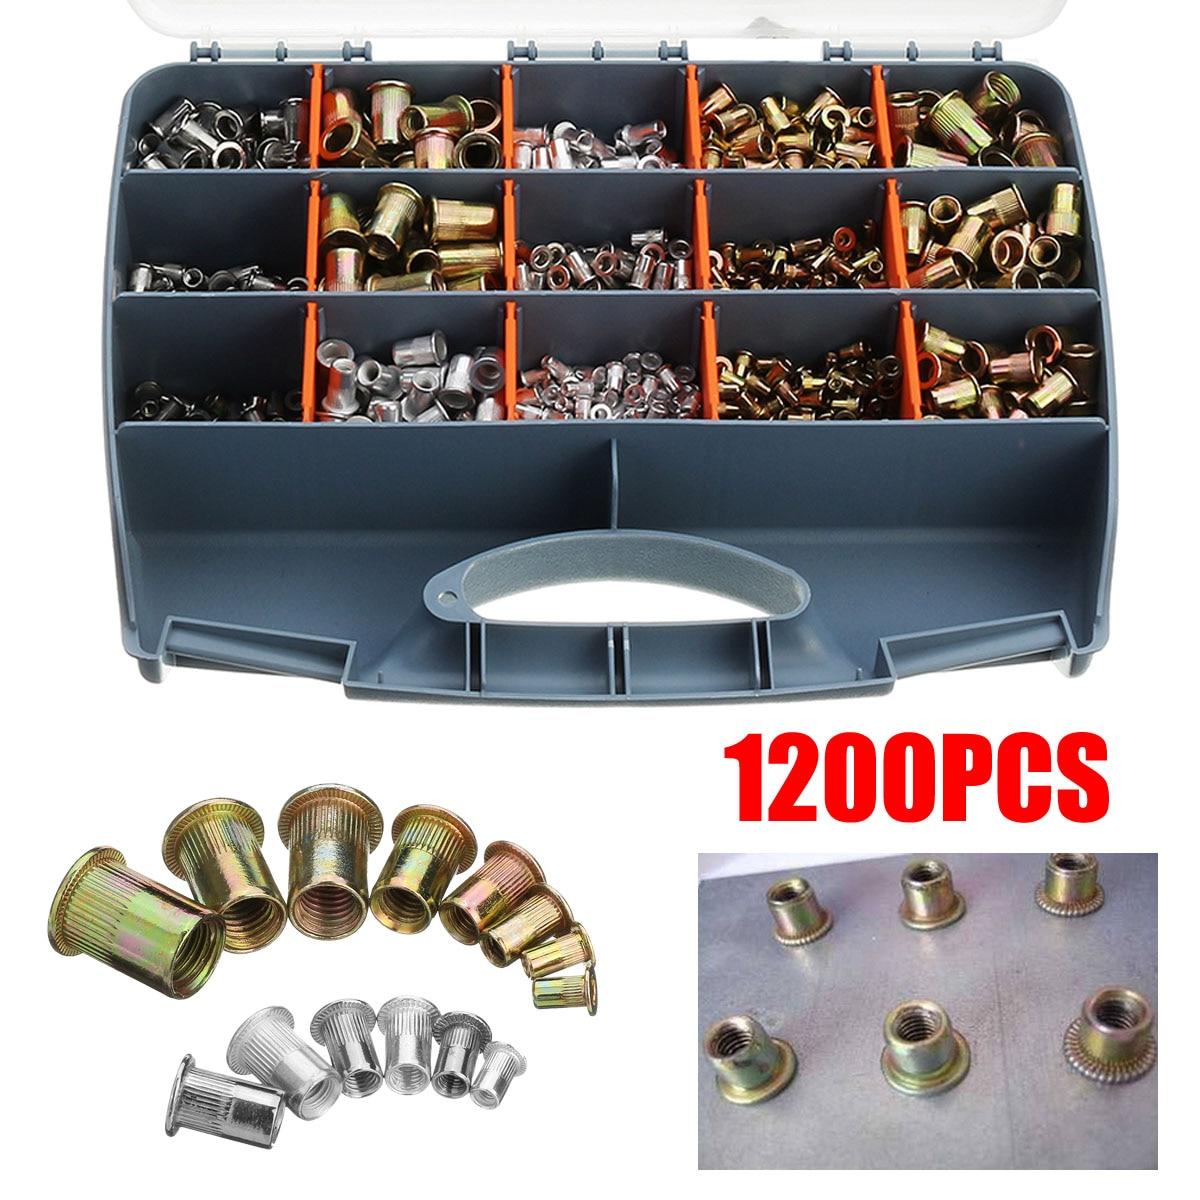 Kit de herramientas de remache de 900/1000/1200 Uds., herramienta de ajuste de tuerca, tuerca, remache, tuerca, pistola de remachado manual, mandriles M3 M4 M5 M6 M8 M10 M12